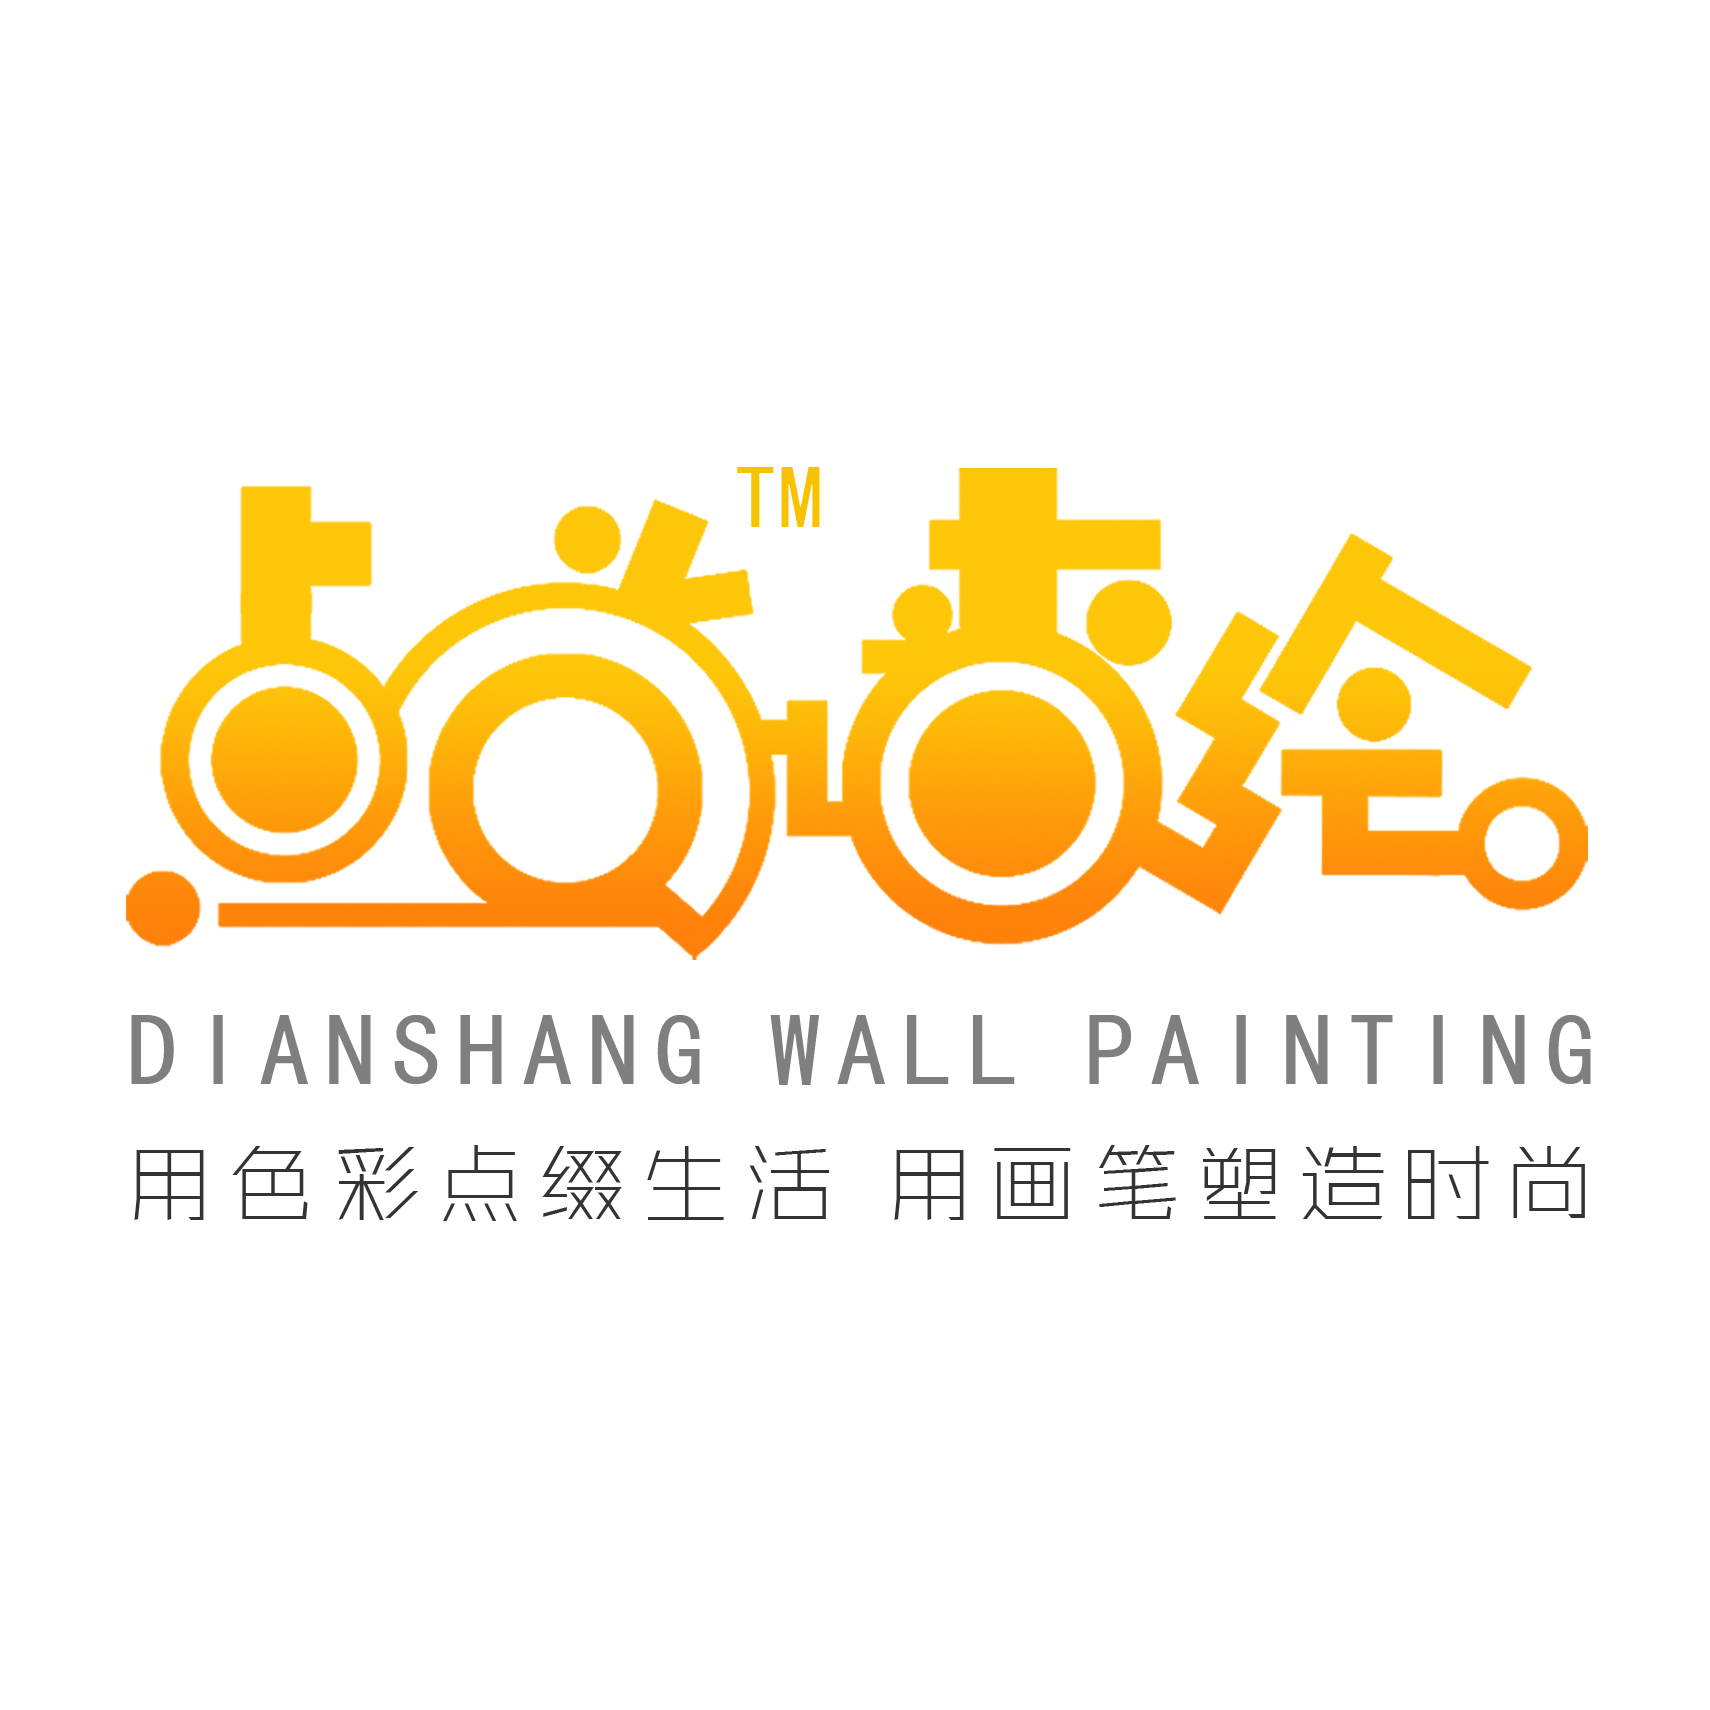 欧式墙绘logo